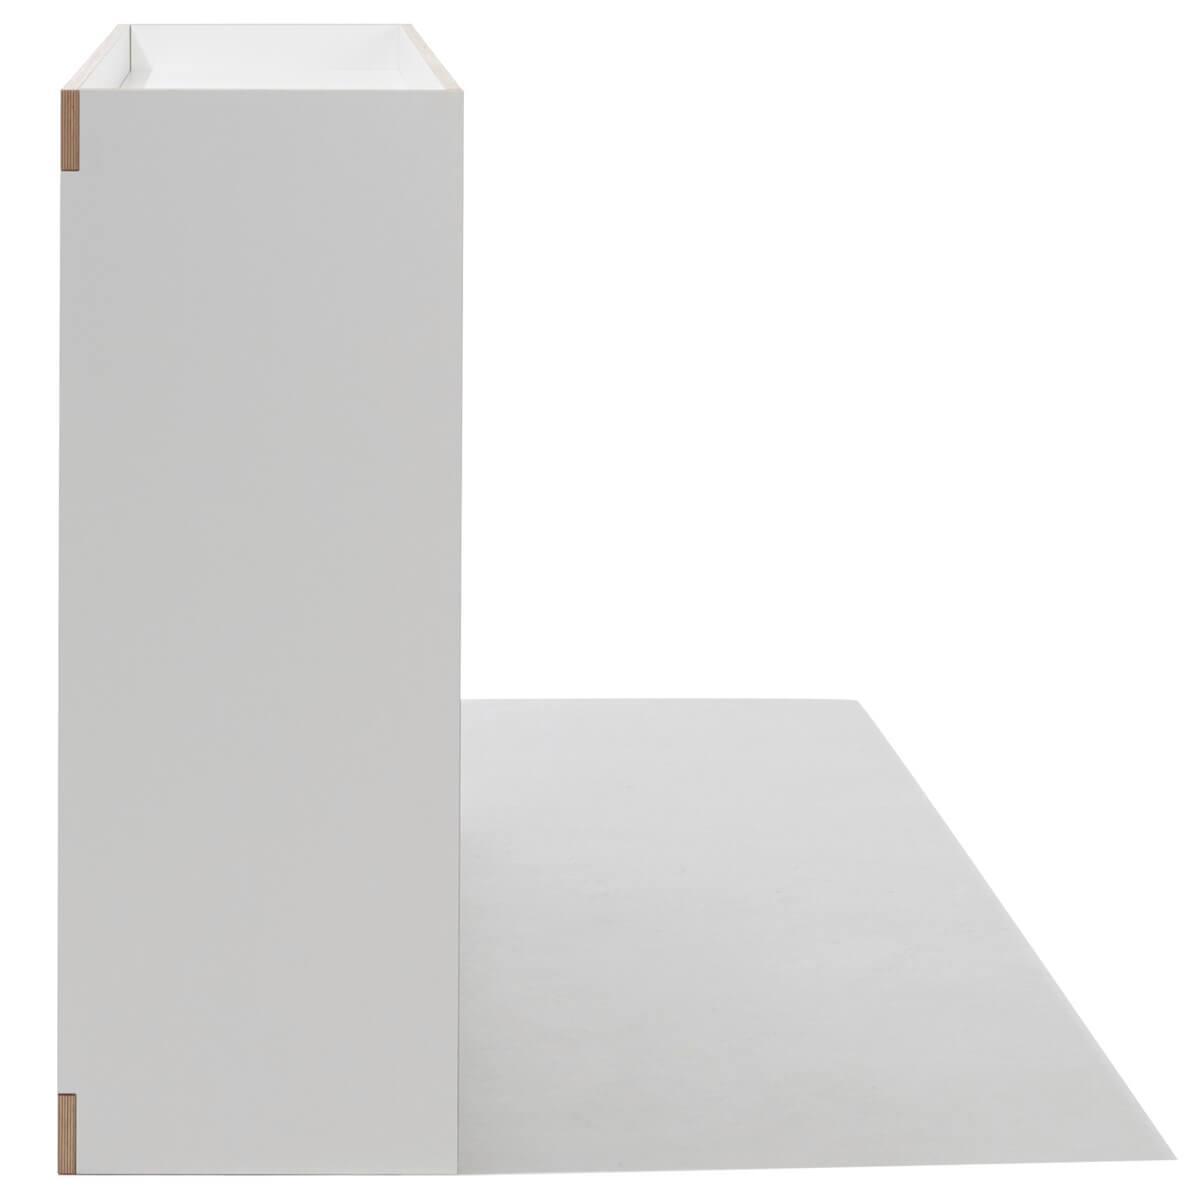 Commode 2 portes FLAI Mueller blanc - bord en bouleau